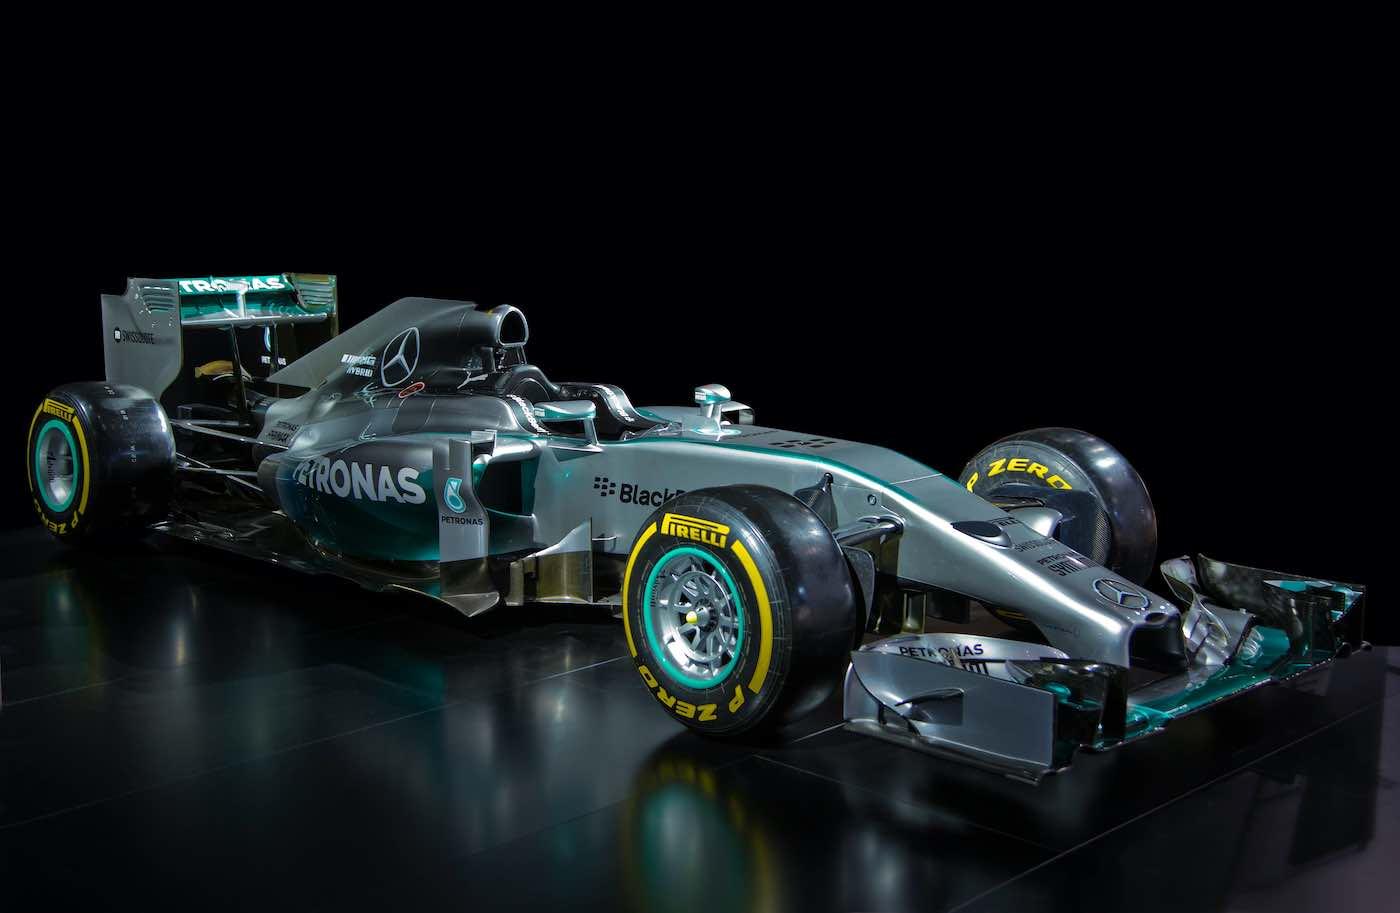 FINALMENTE sabrás cuántos millones de dólares cuesta la fabricanción de un coche de Fórmula 1